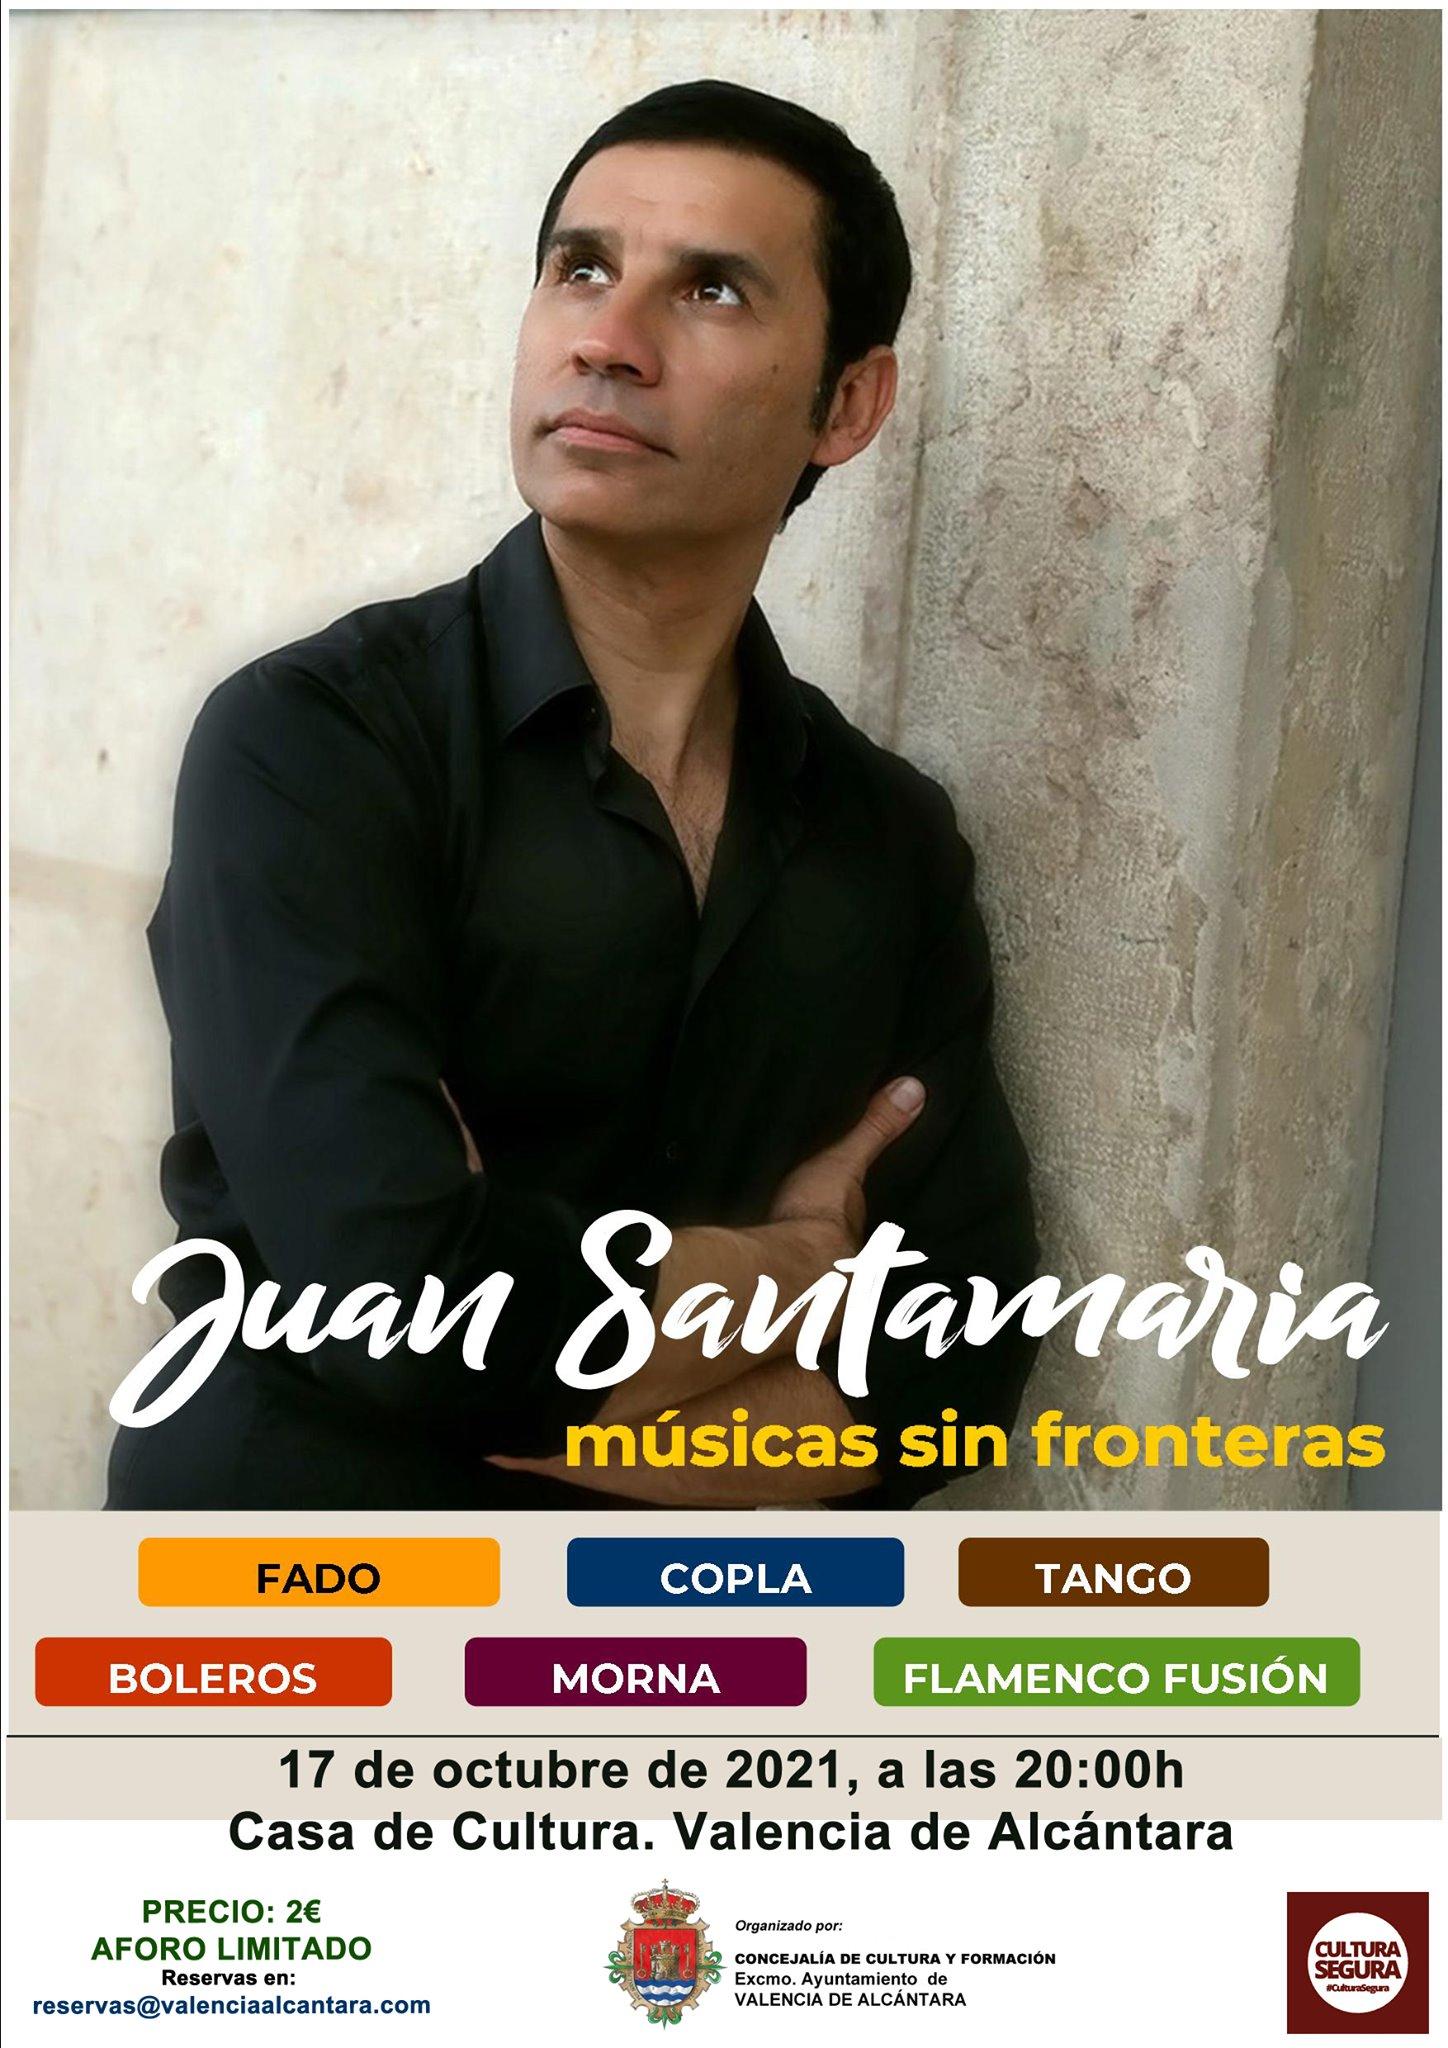 Concierto de Juan Santamaría 'Música sin fronteras'